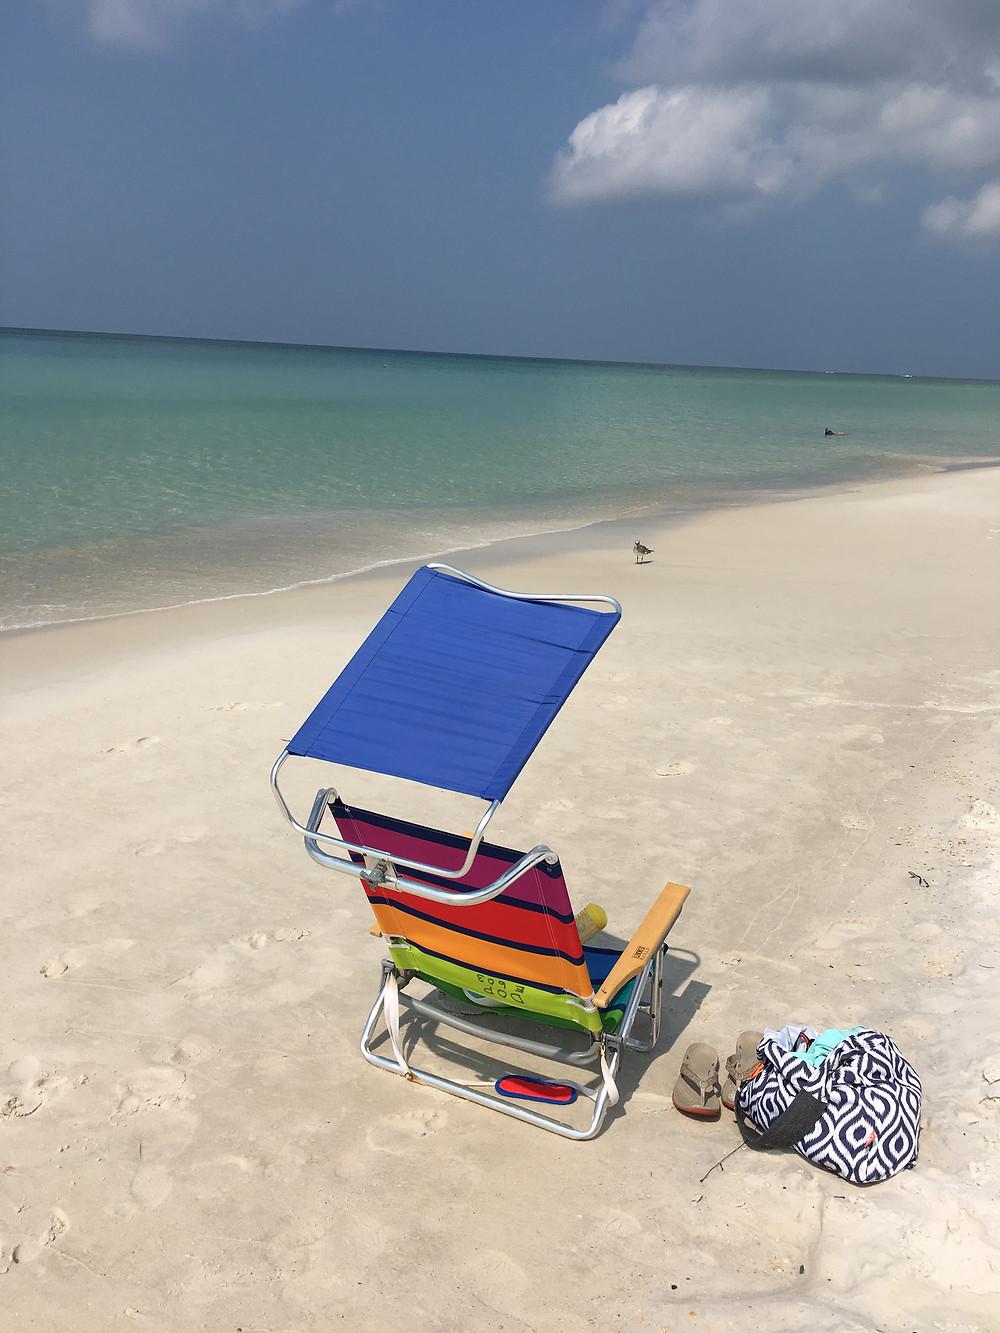 Gulf of Mexico, Dunes of Panama, Panama City Beach, Florida